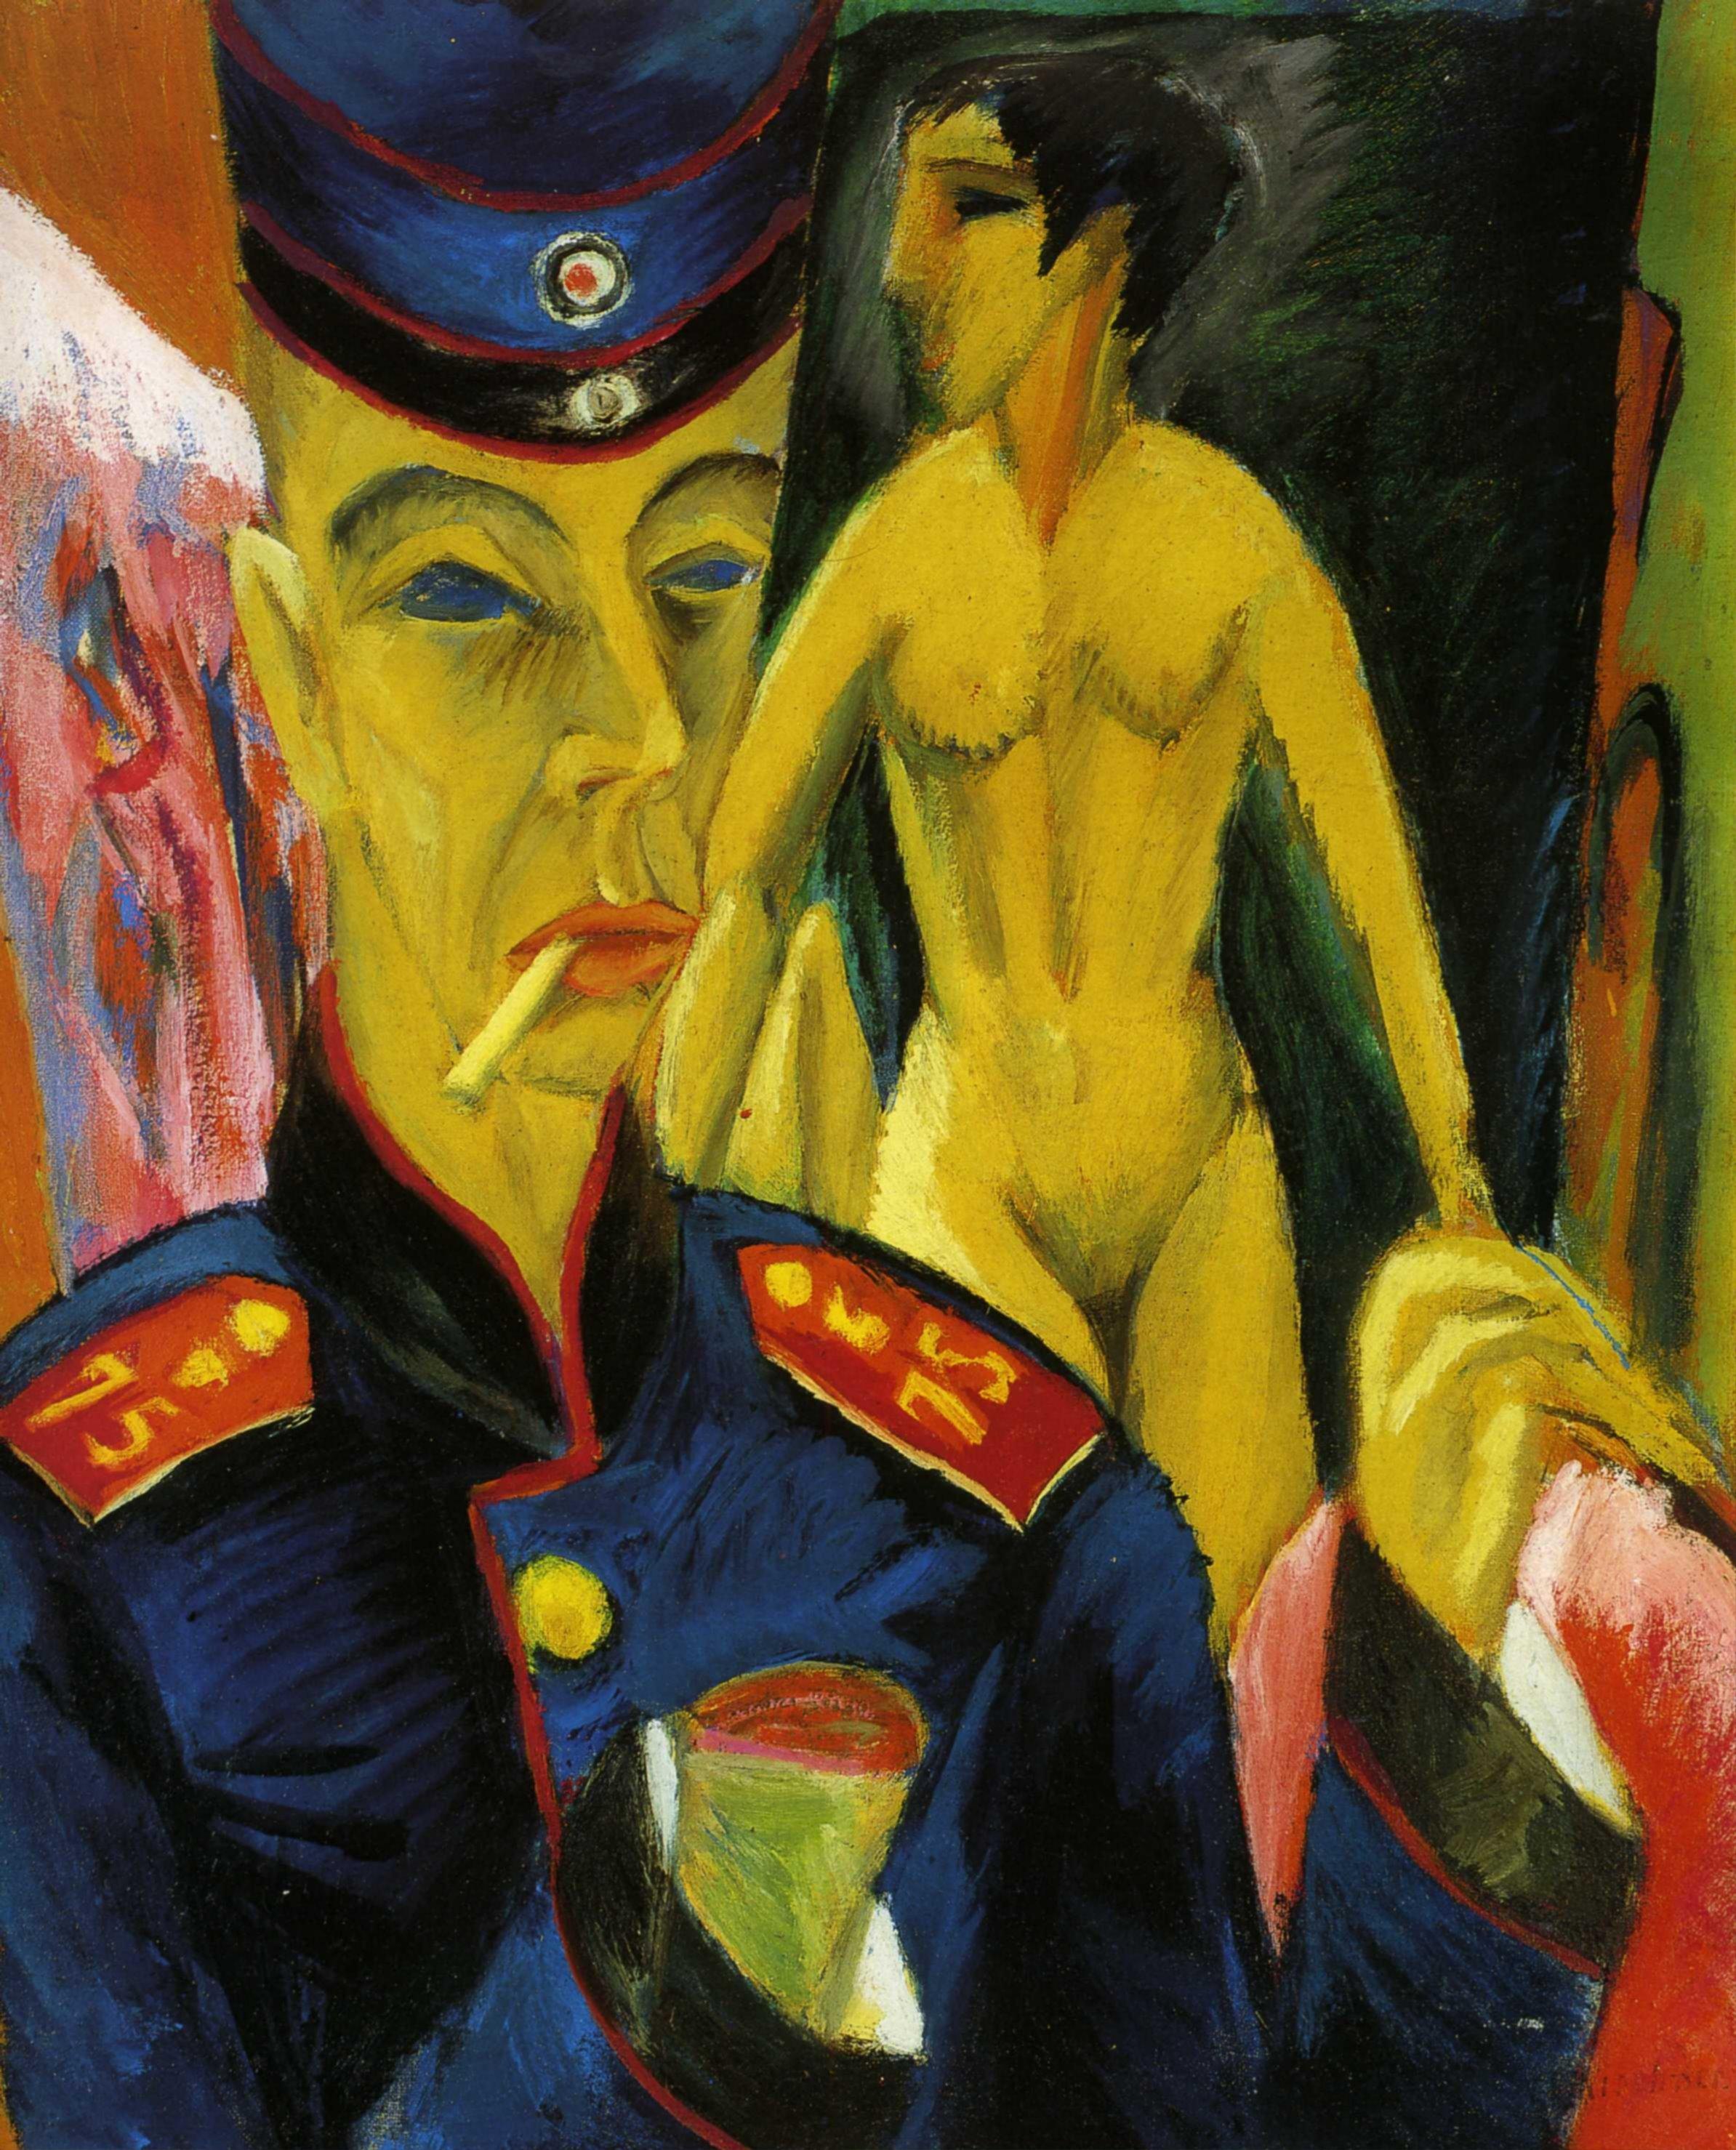 Эрнст Людвиг Кирхнер (1880 — 1938) — немецкий художник, график и скульптор, представитель экспрессионизма. 1915. «Солдат и шлюха»